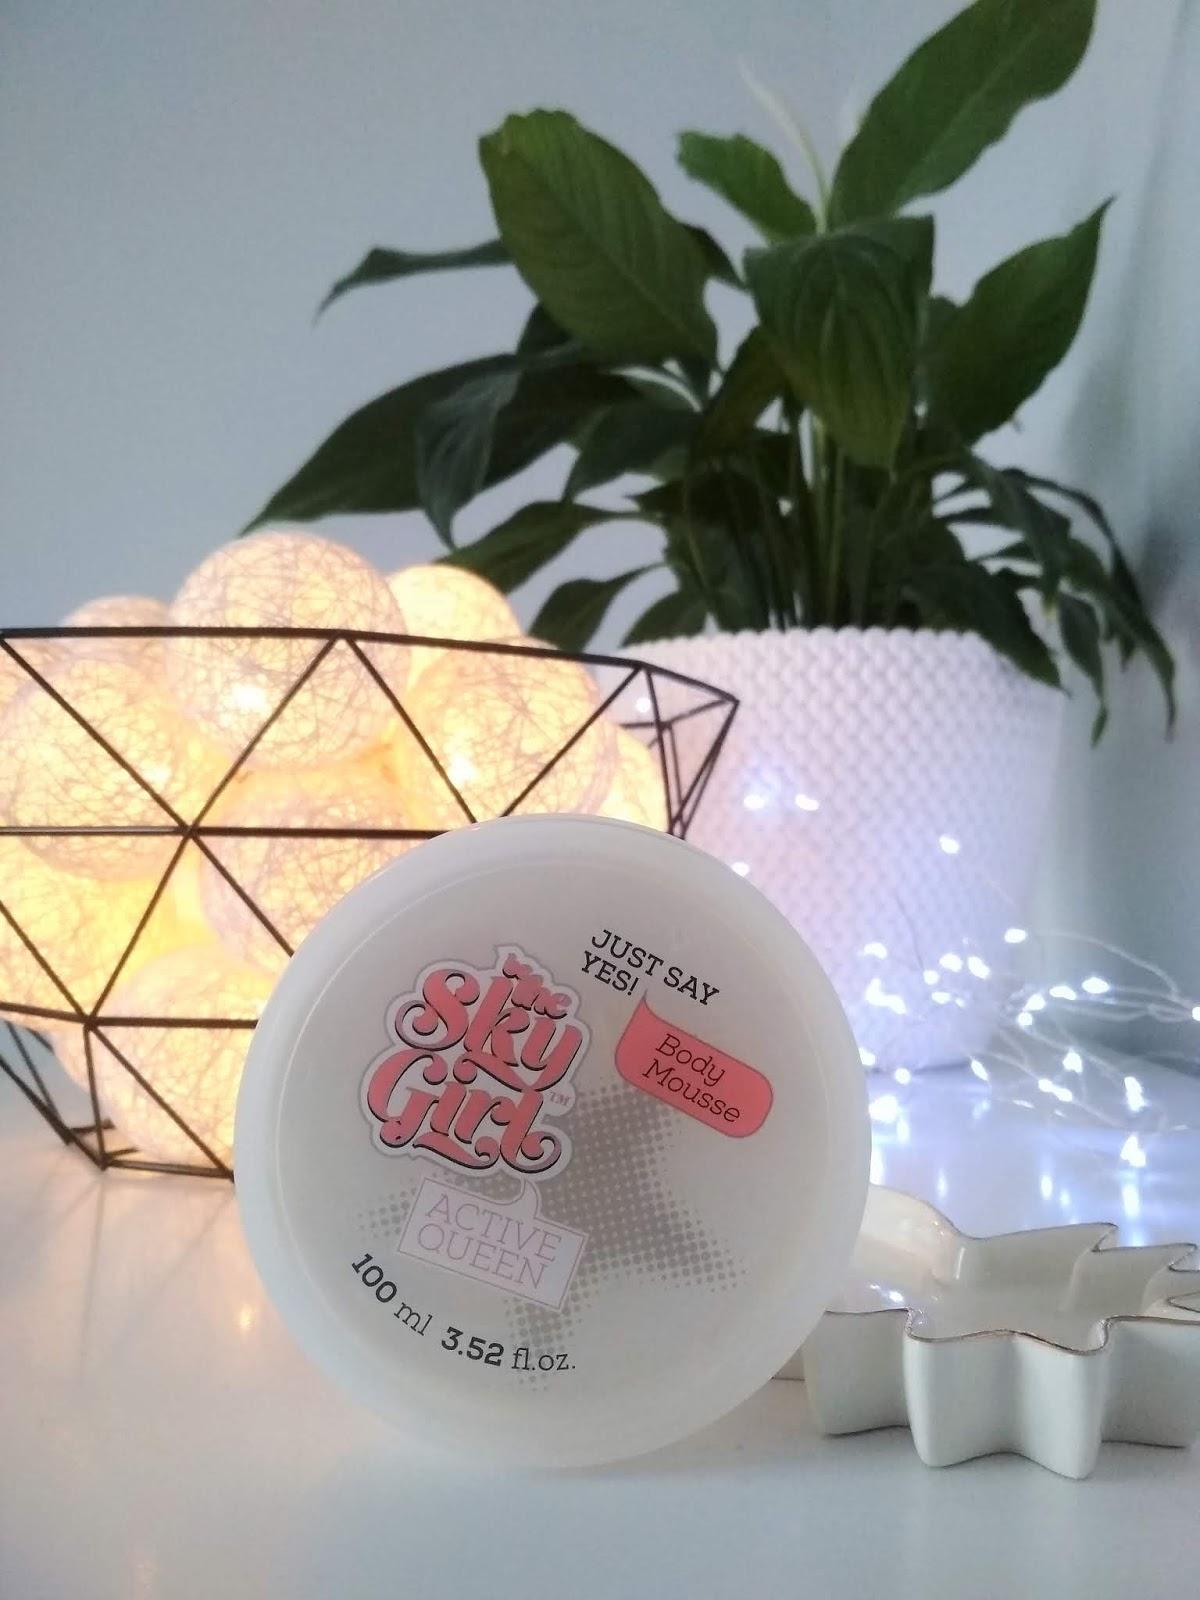 polskie kosmetyki, blog kosmetyczny, blog urodowy, BE THE SKY GIRL Mus do ciała Just Say Yes, recenzja, recenzje kosmetyczne